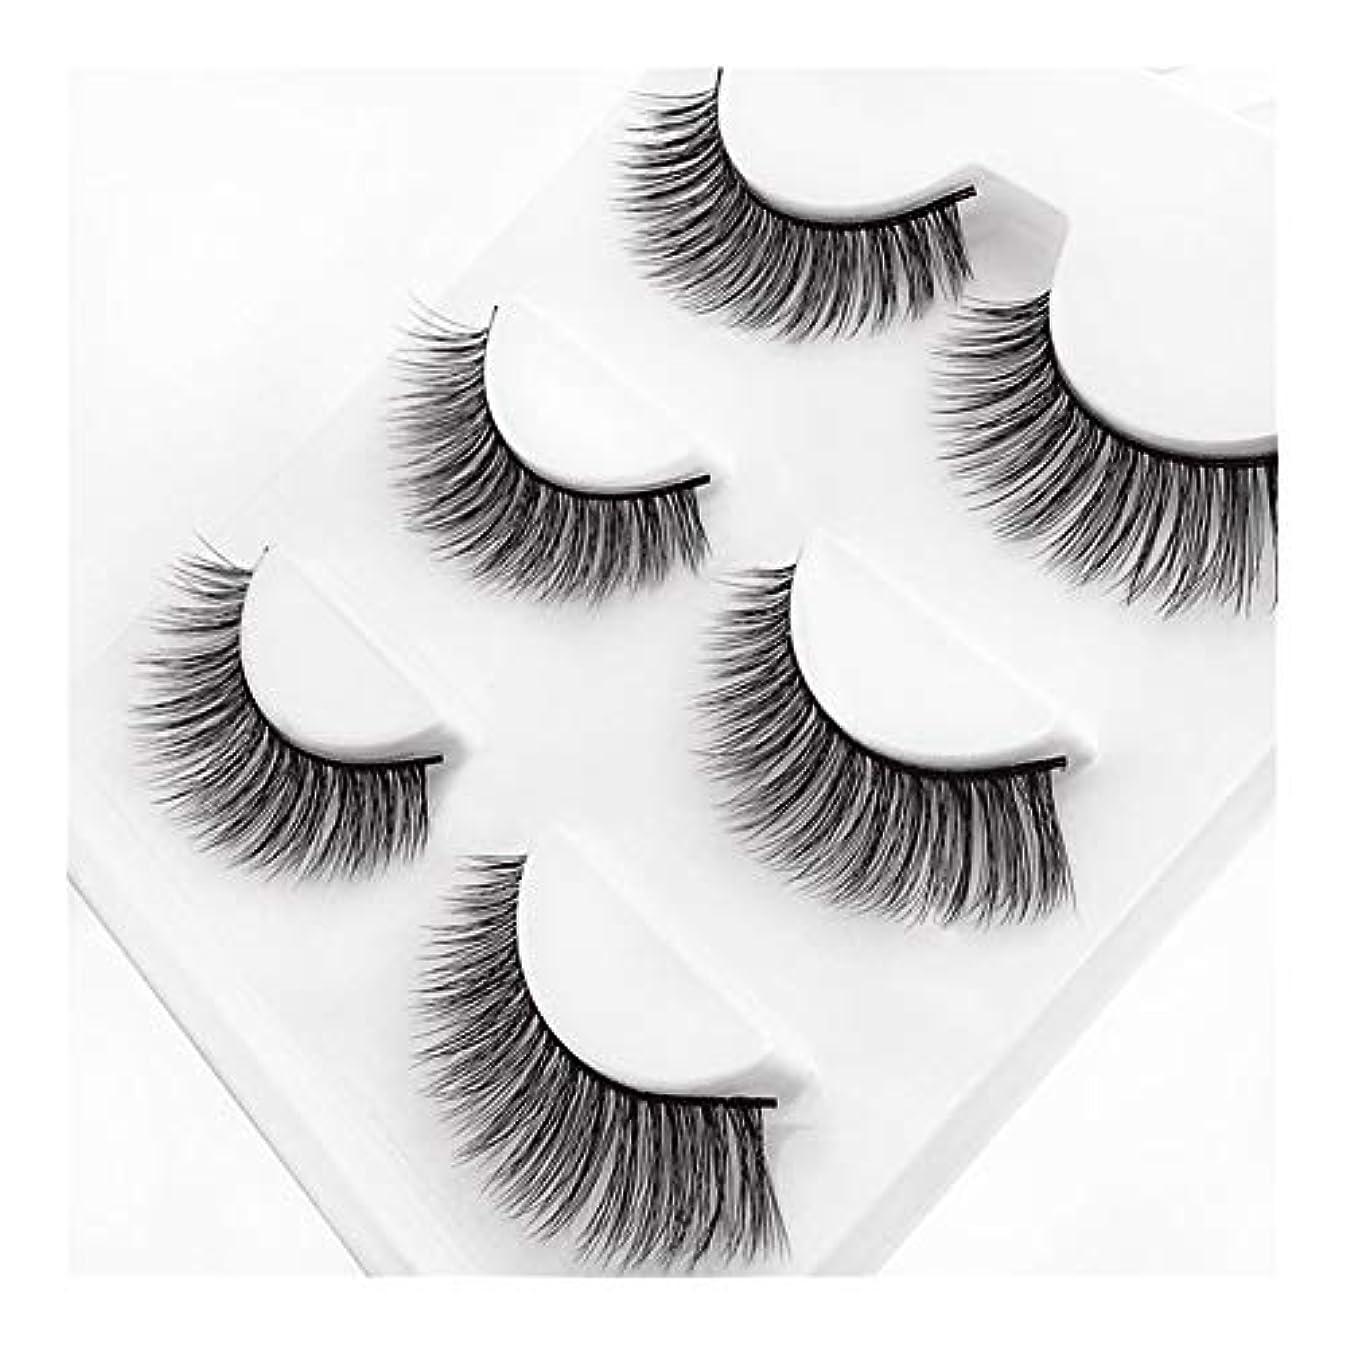 電気陽性報酬の味Lucy Day つけまつげ3Dミンク毛ナチュラルロングパンツまつげ (色 : 3D-X10)